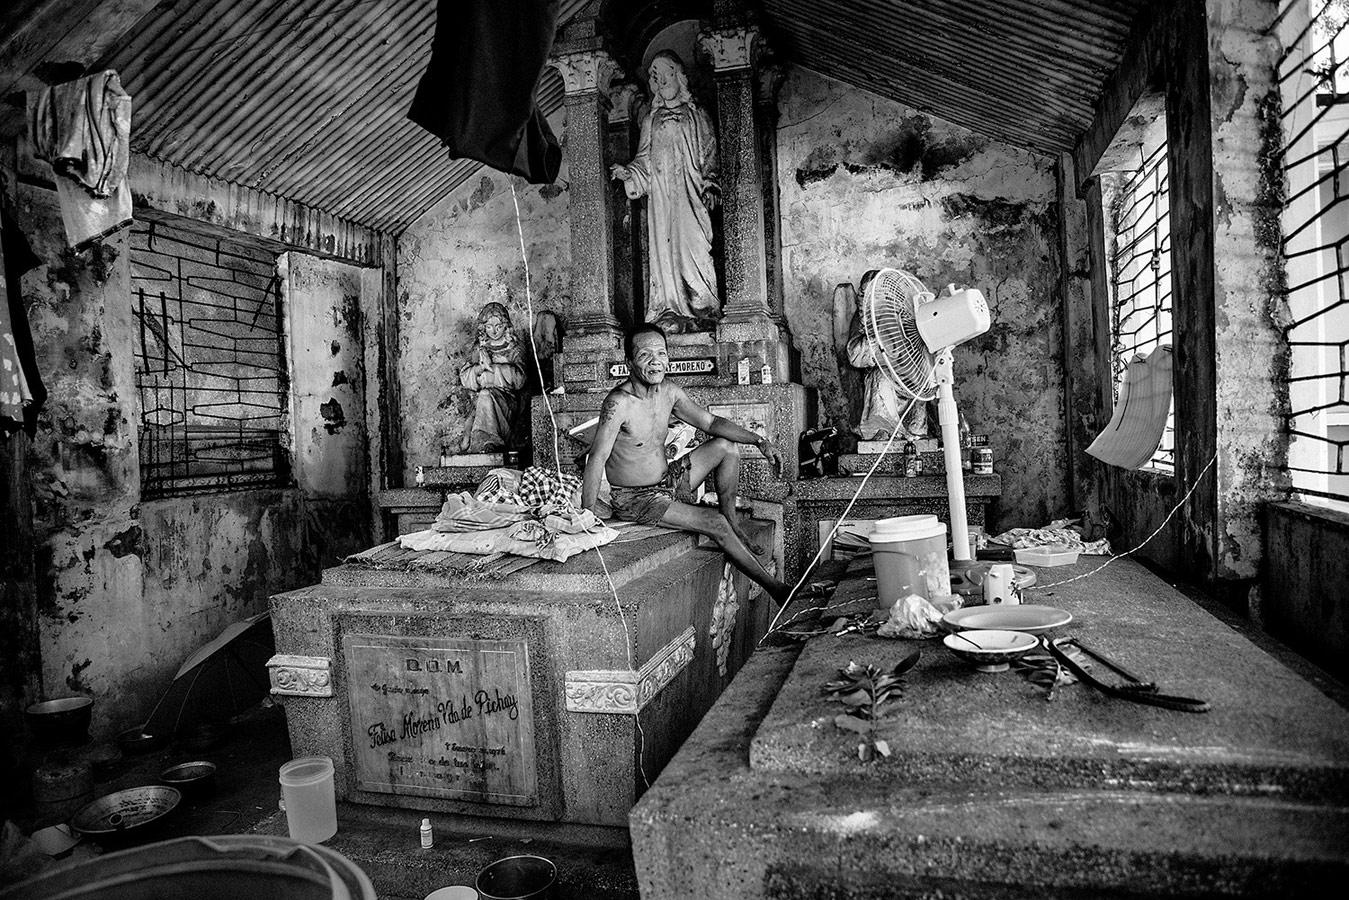 Рубен, 62 года, сидит на своей кровати в одном пантеоне на северном кладбище Манилы, где он живет уже 30 лет, © Бруно Галлардо, Испания, Конкурс портретной фотографии Kuala Lumpur